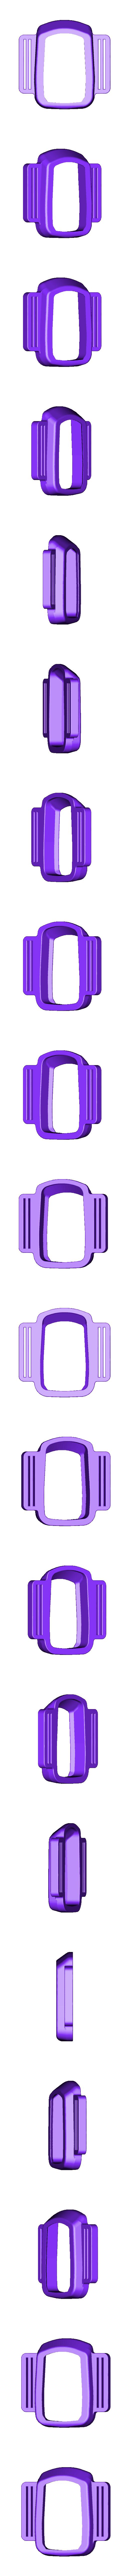 dexcom_G4_G5_cover.stl Télécharger fichier STL gratuit Couverture Dexcom G4/G5 • Plan imprimable en 3D, martincollar